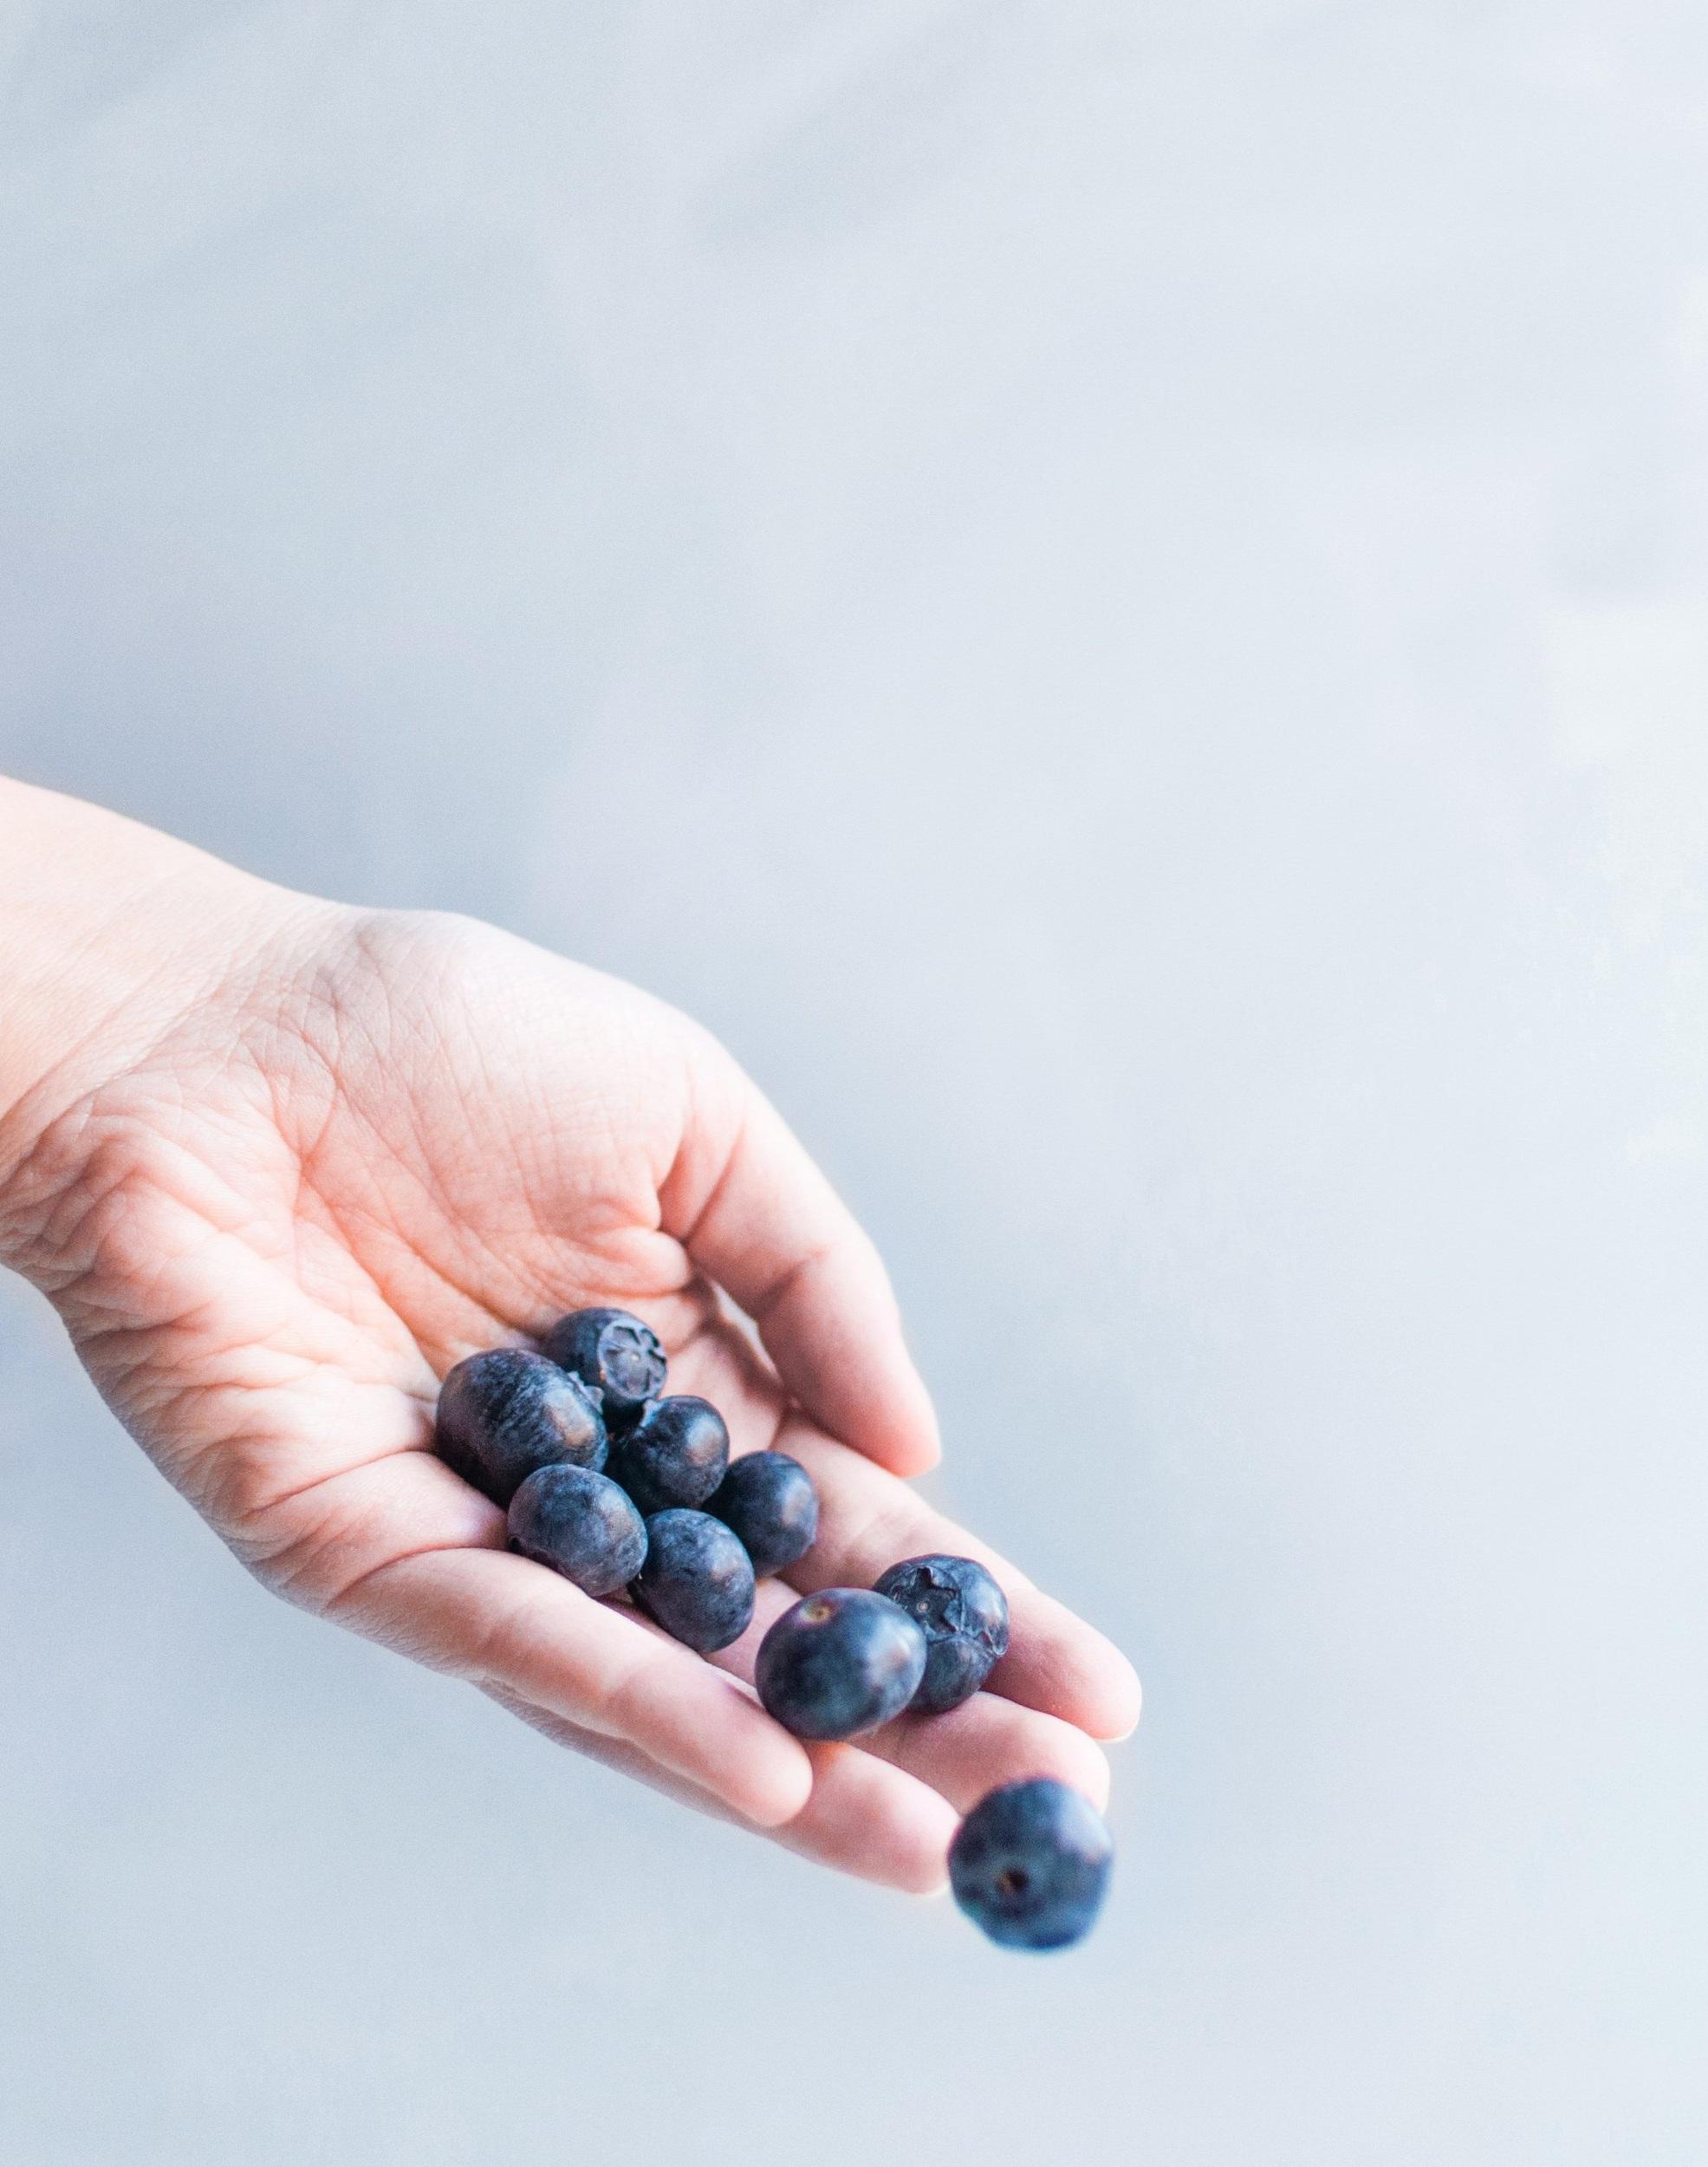 Antioxidantien stimulieren das Zellwachstum und unterstützen die Zellen des Körpers in ihrer Funktion. -